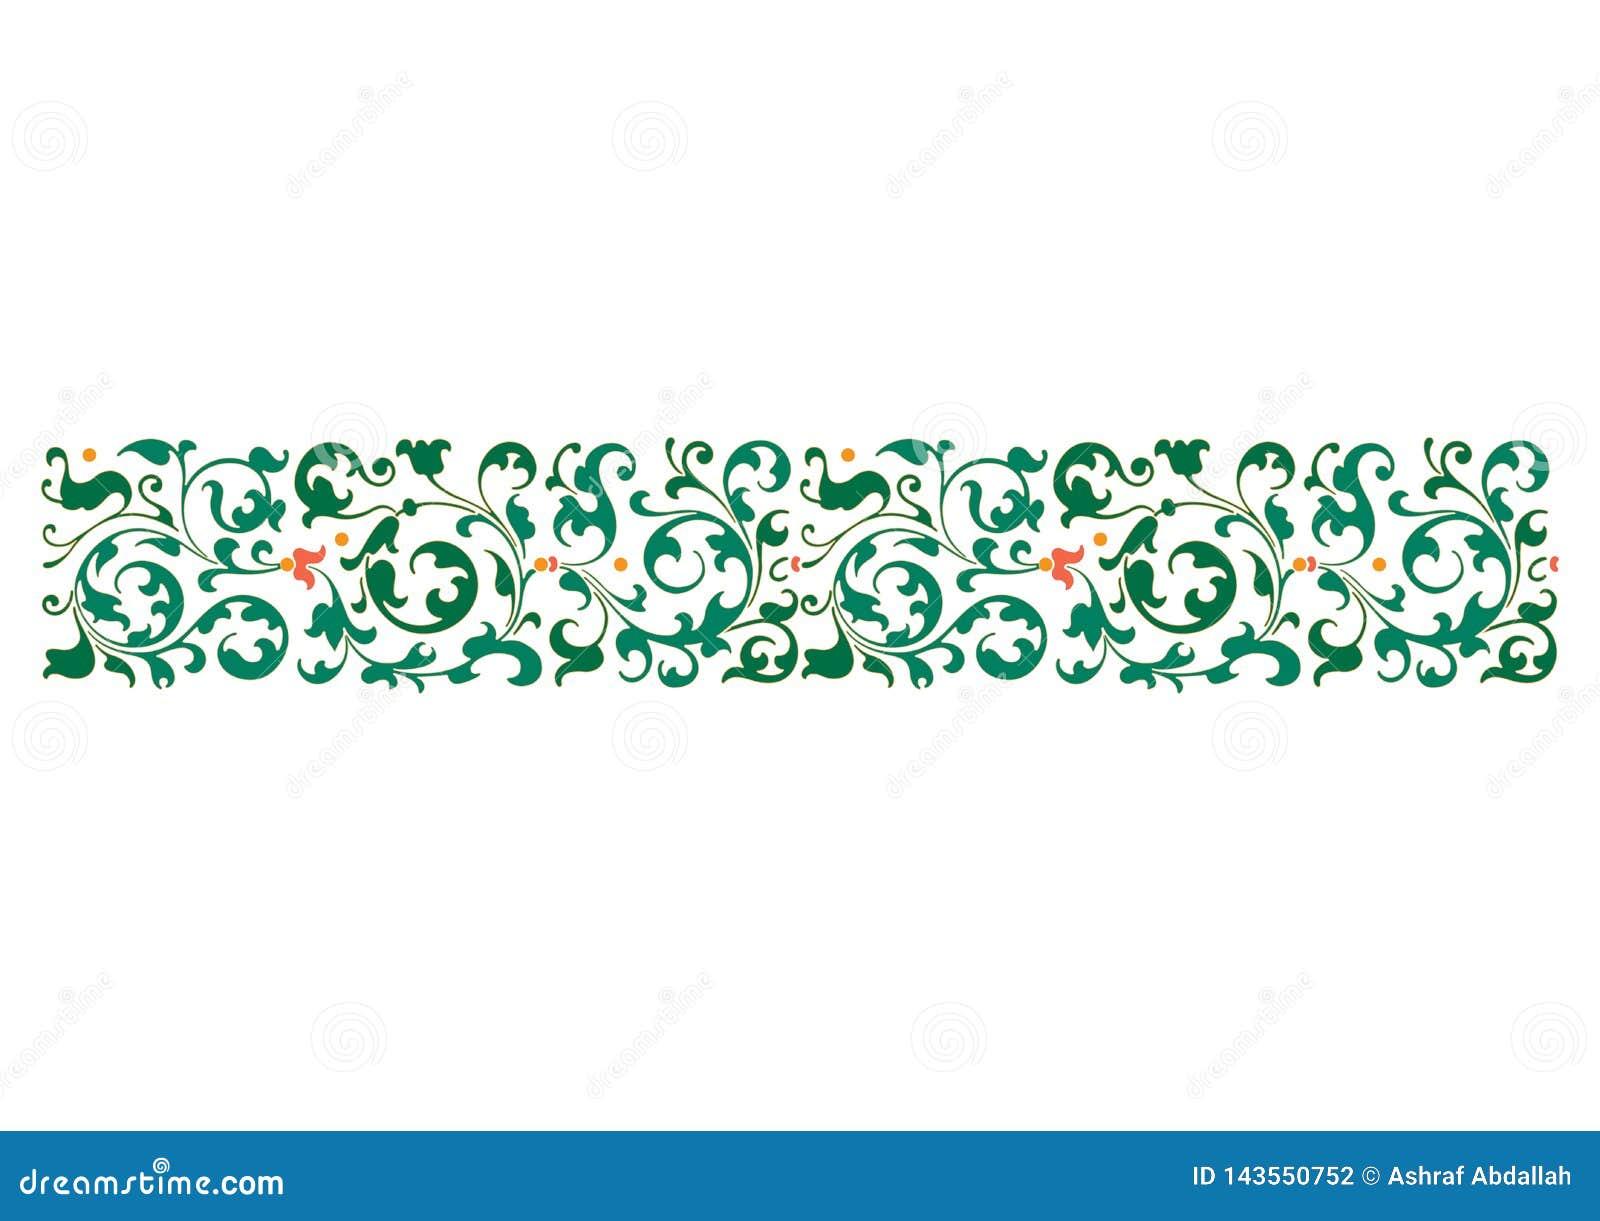 Arabska Kwiecista Bezszwowa granica Tradycyjny Islamski projekt Meczetowy dekoracja element ()- Wektor kartoteka